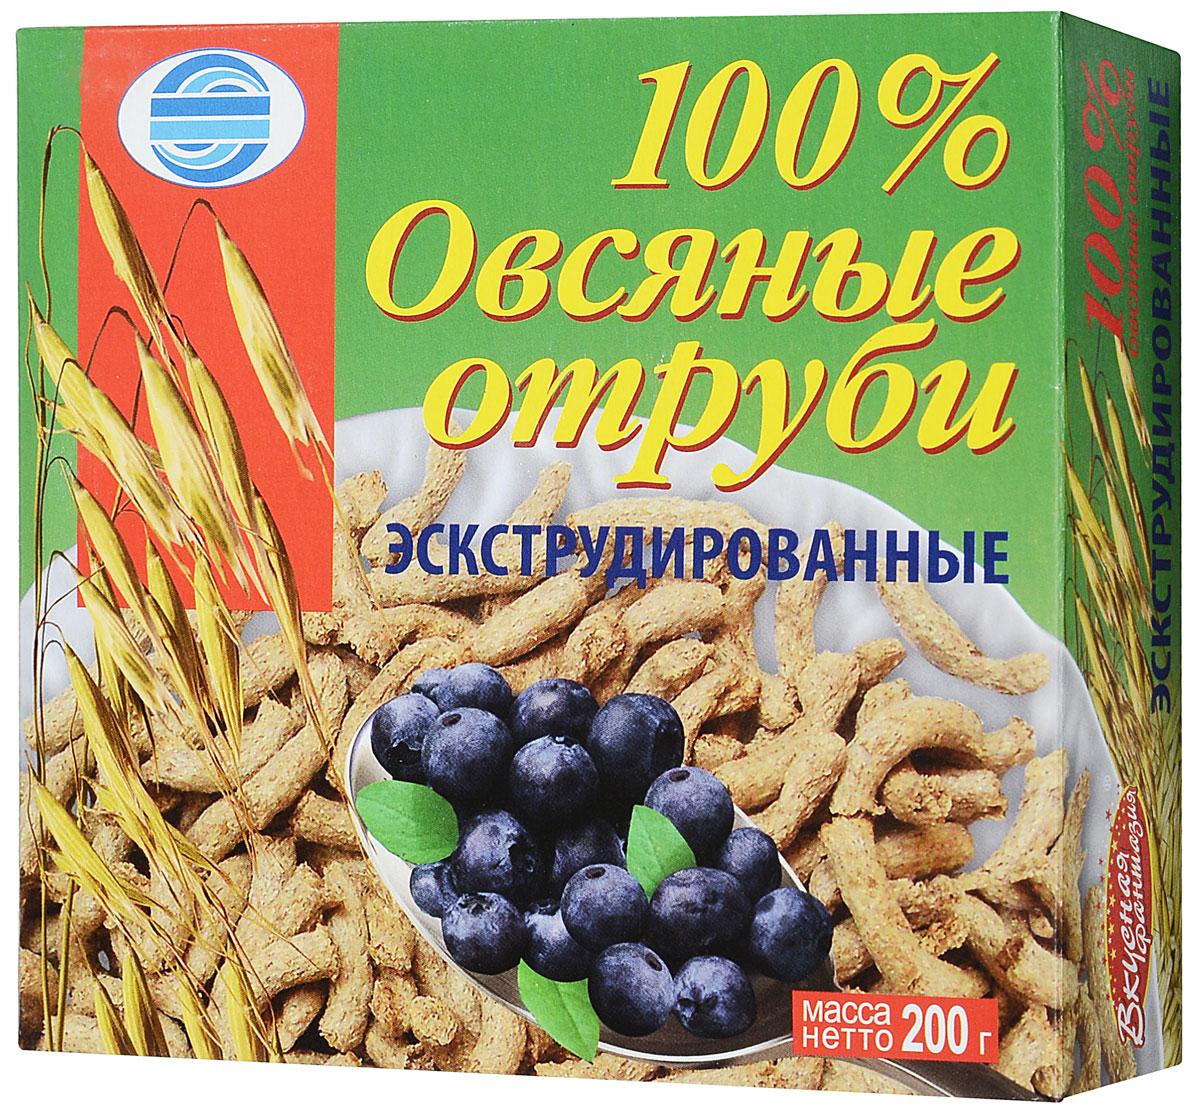 Вкусная фантазия отруби овсяные, 200 г диадар отруби хрустящие ржаные бородинские 200 г